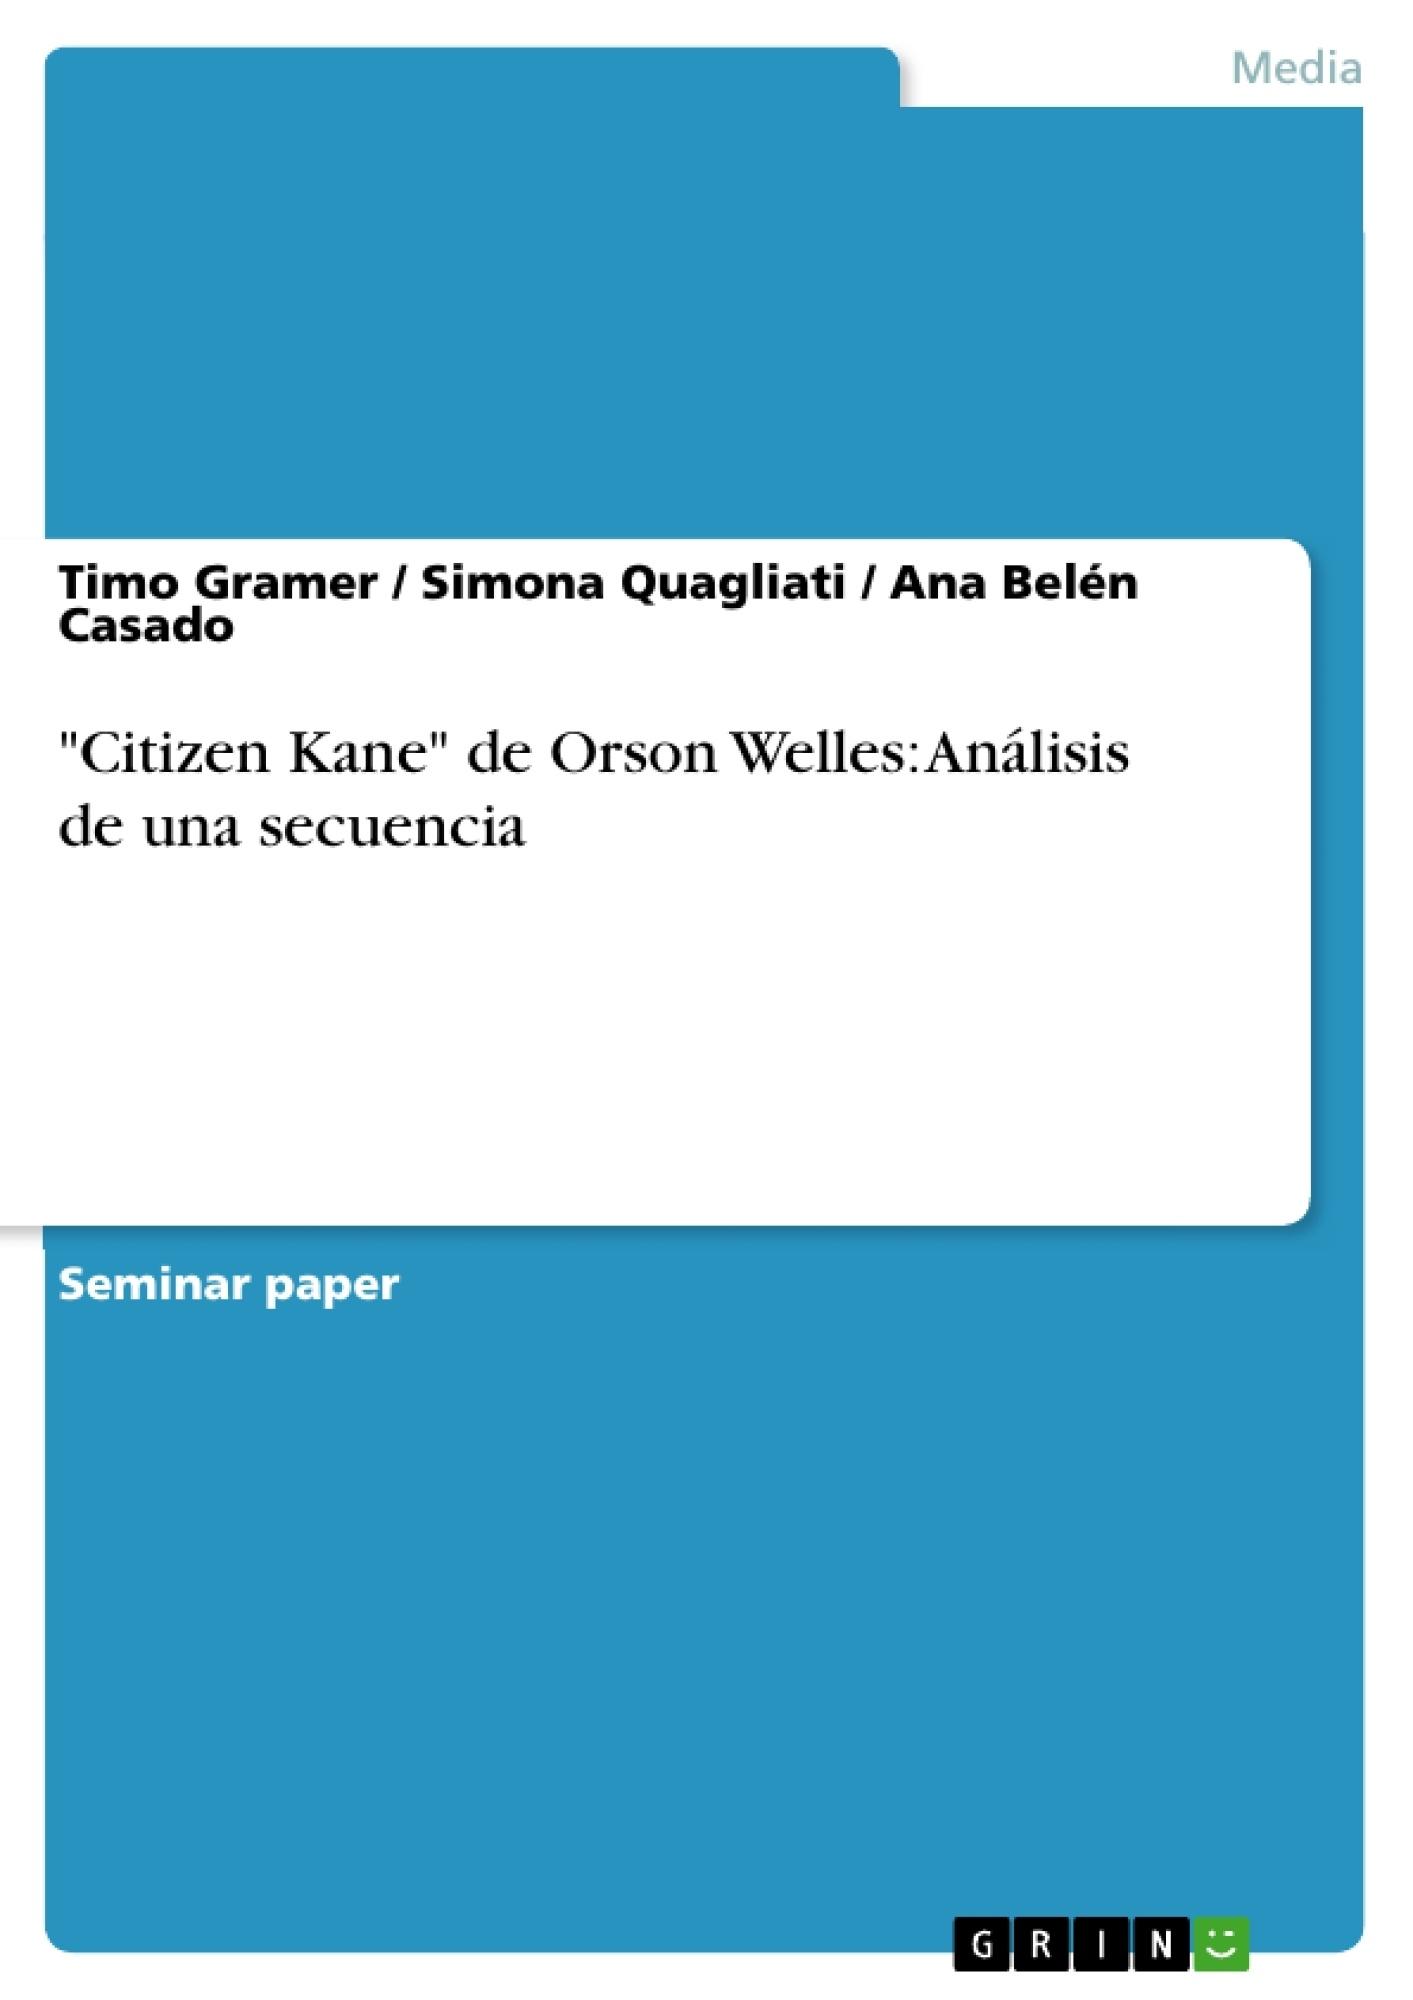 """Título: """"Citizen Kane"""" de Orson Welles: Análisis de una secuencia"""